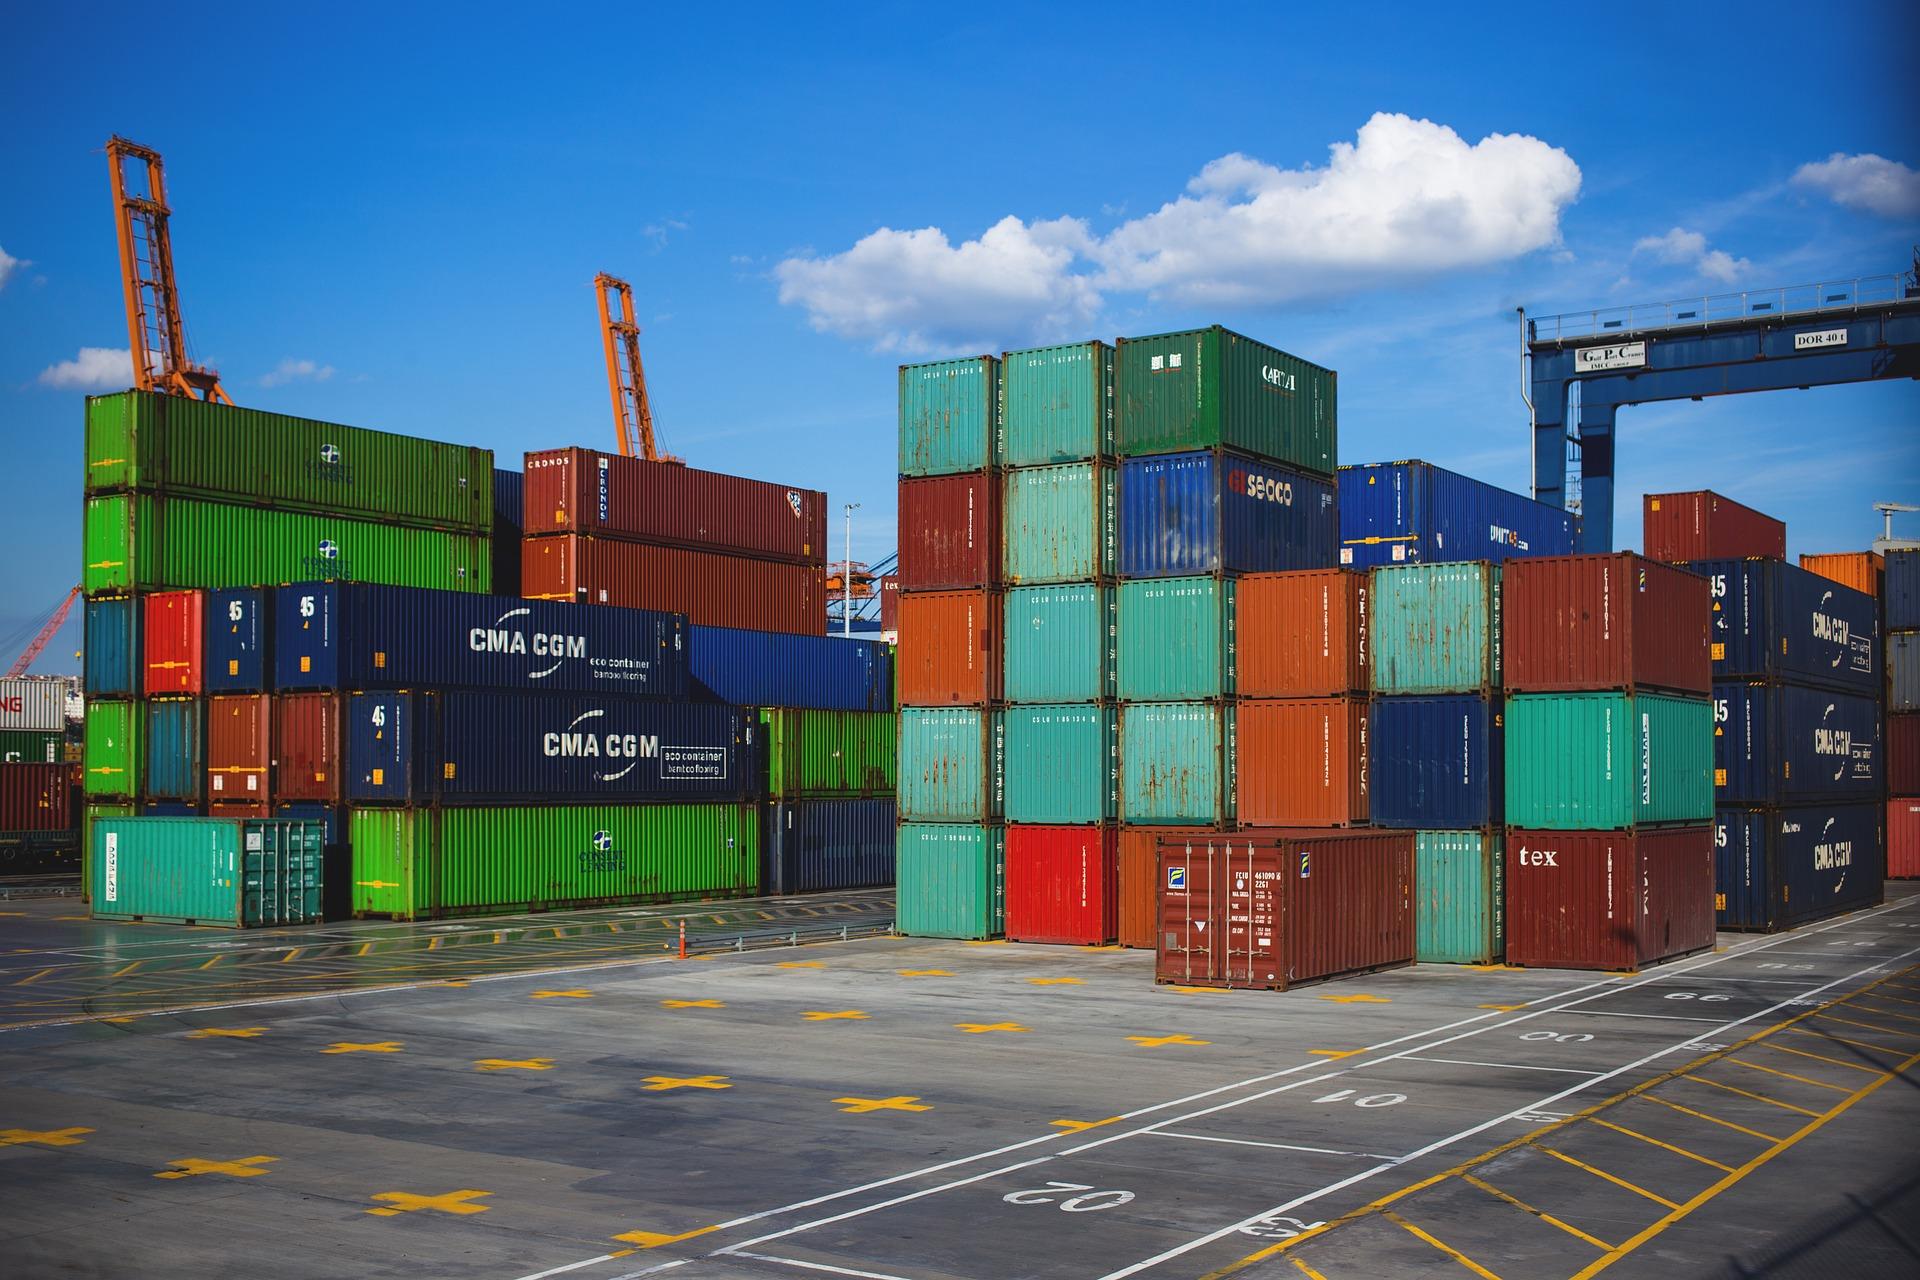 Các sản phẩm công ty bạn nhập khẩu từ nước ngoài đều phải thực hiện công bố thì mới được phép lưu hành tự do trên thị trường Việt Nam.